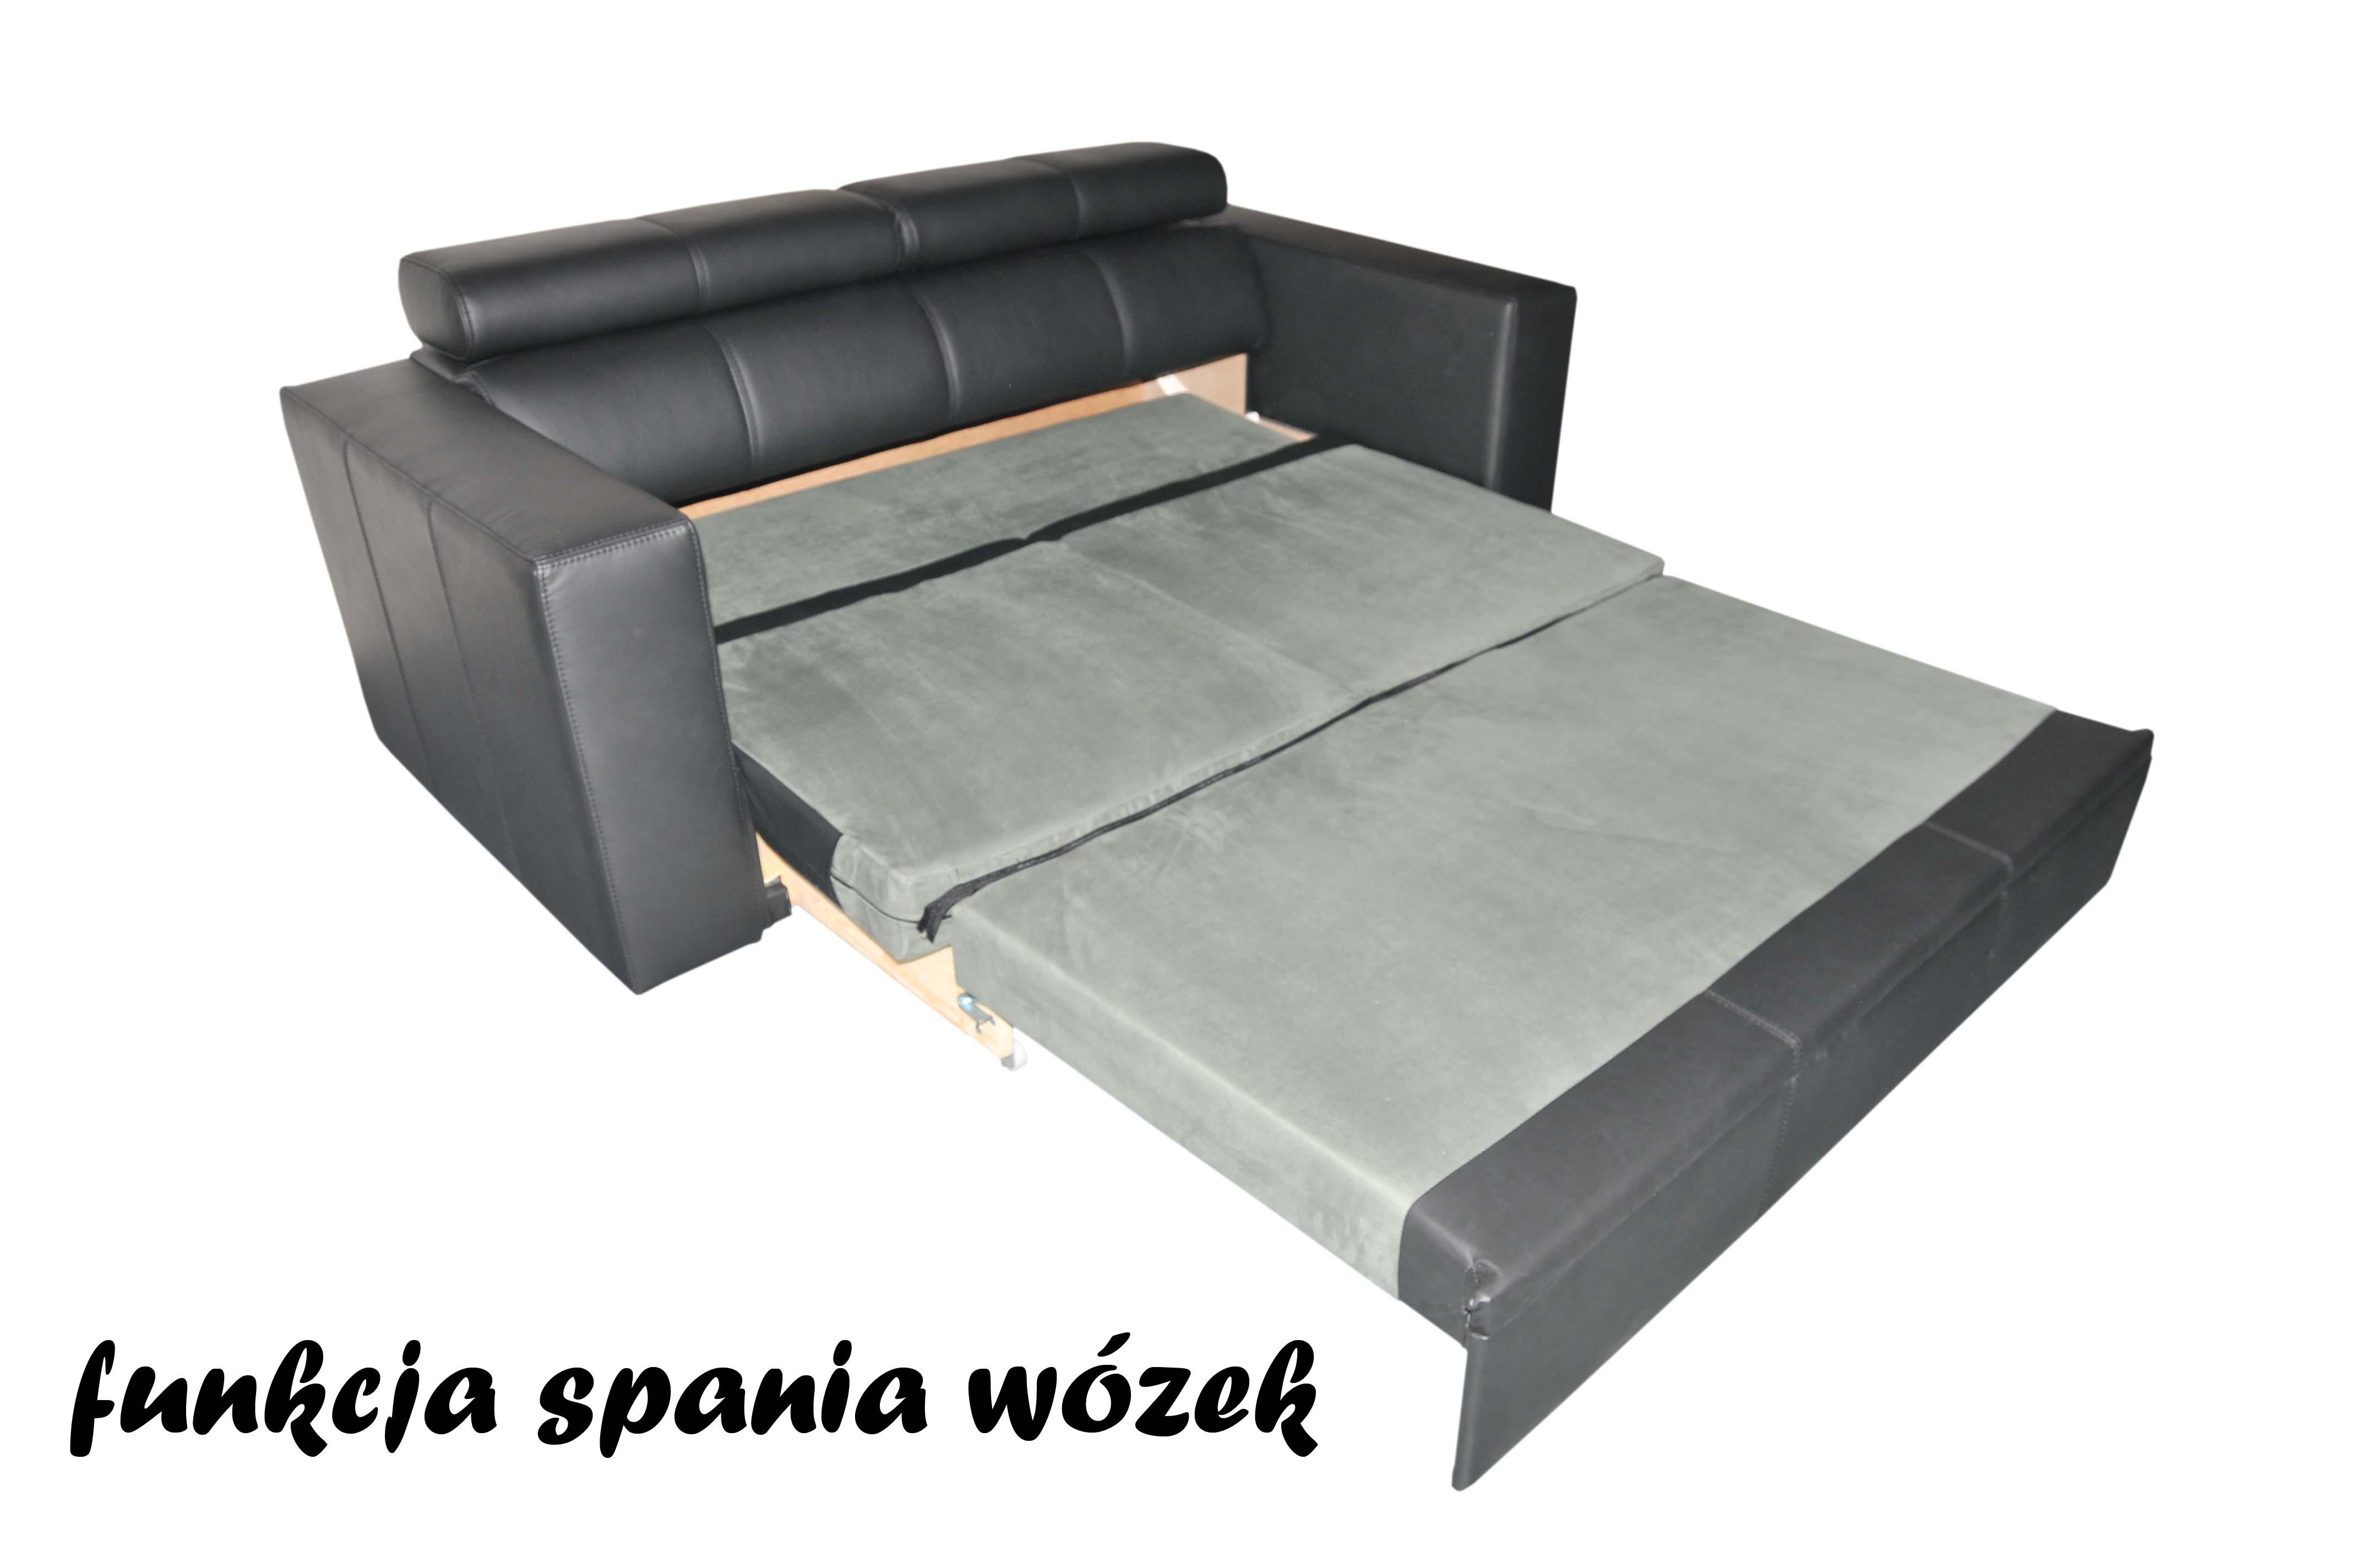 Funkcja spania wózek